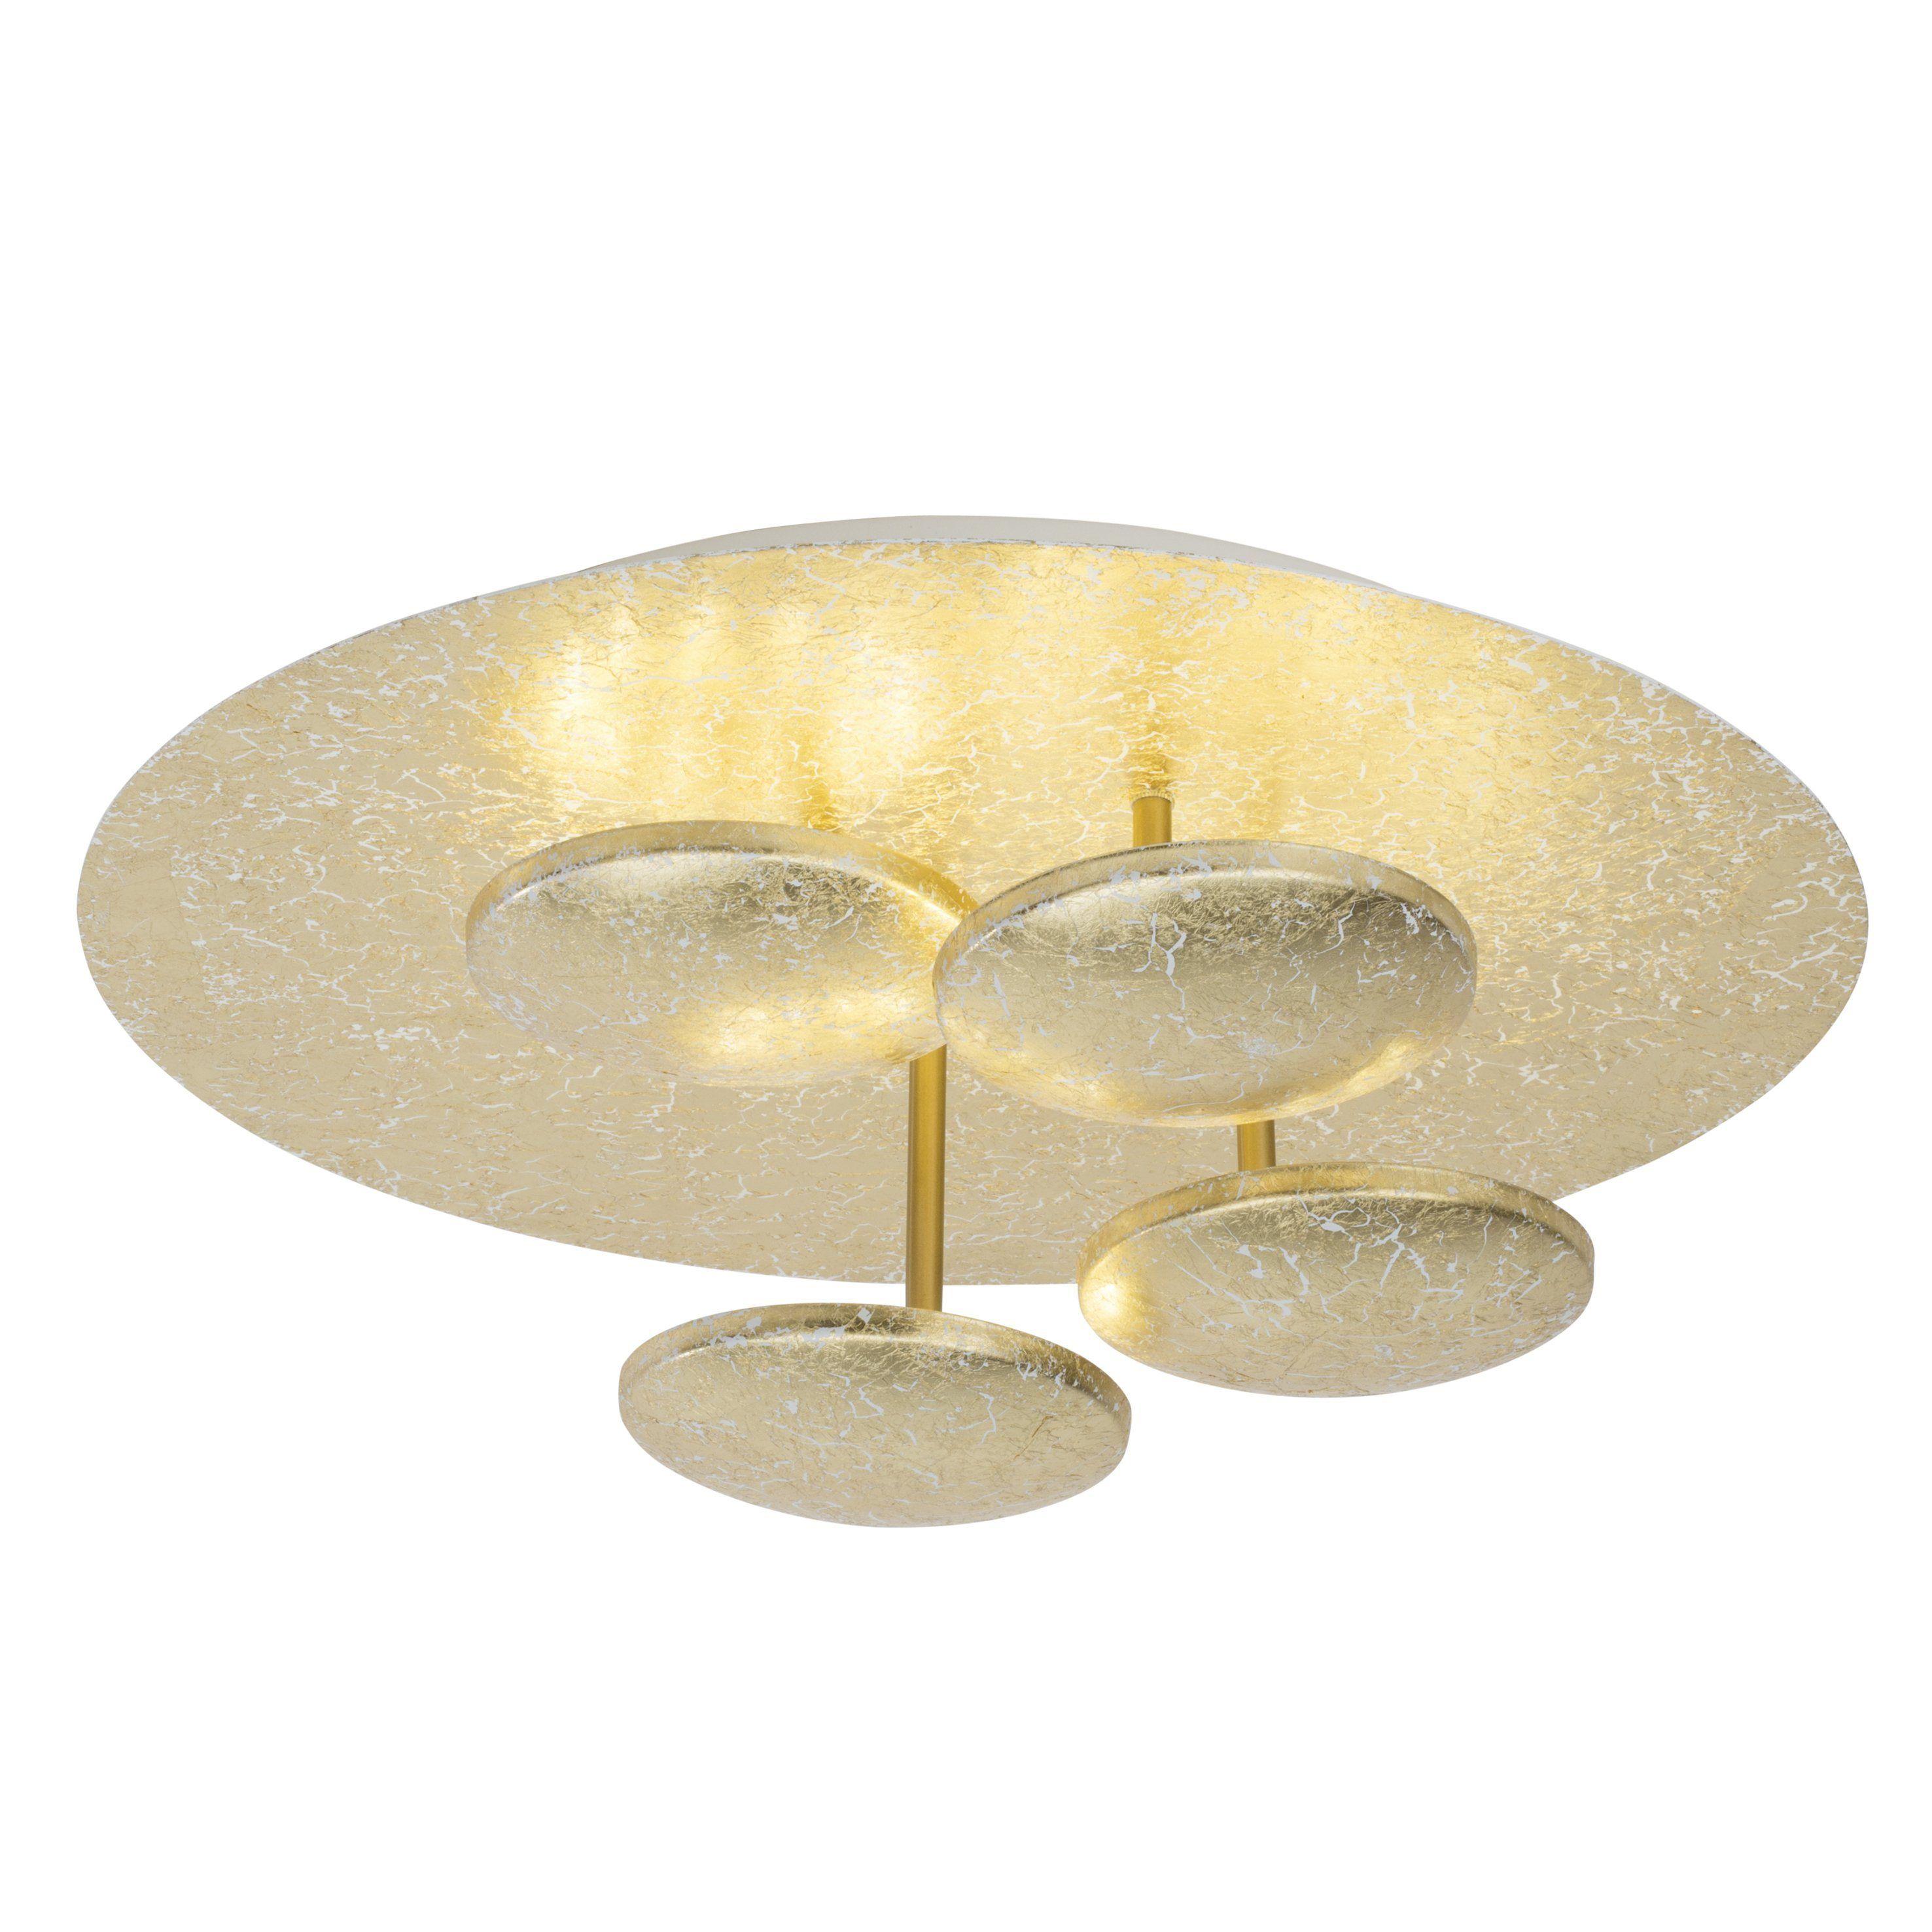 Brilliant Leuchten Pharaoh Led Deckenleuchte 4flg Gold Weiss Jetzt Bestellen Unter Https Moebel Ladendire Led Deckenleuchte Deckenleuchten Brilliant Leuchten